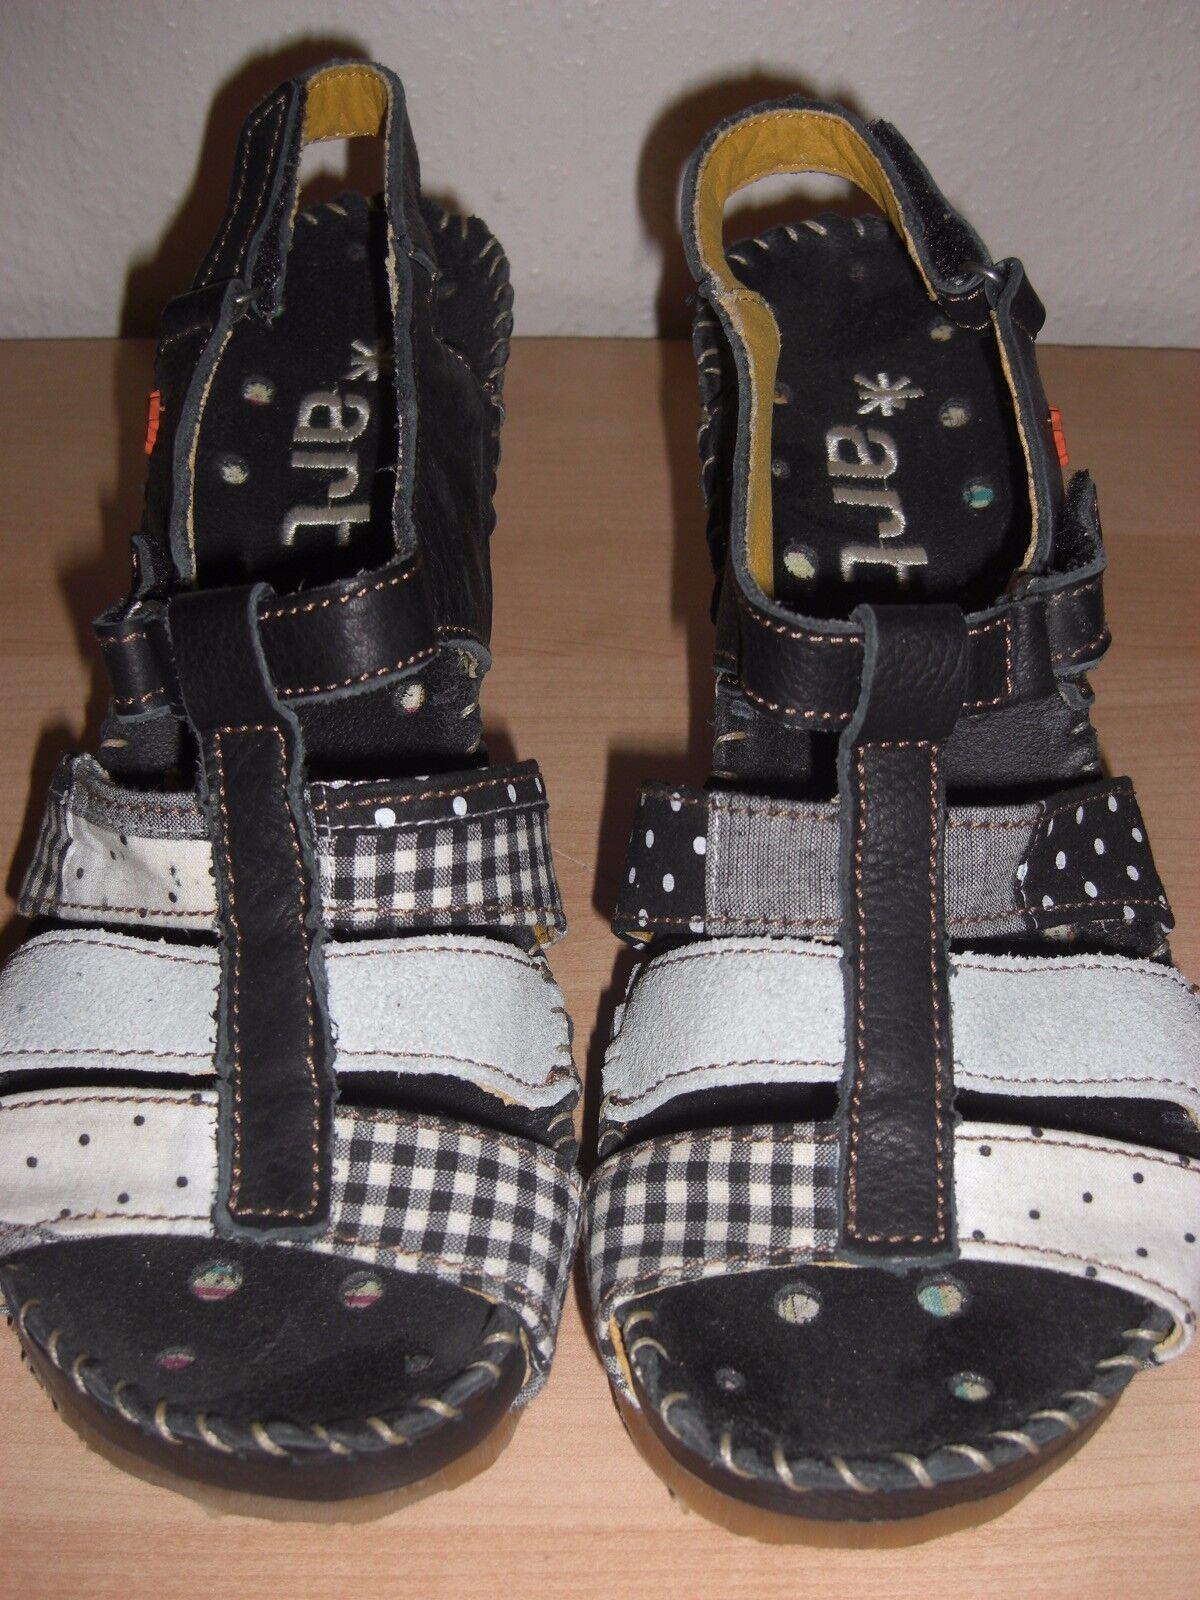 The Art Company Paris  Sandalee mit Keilabsatz Gr. 39 NEU schwarz-weiß Leder